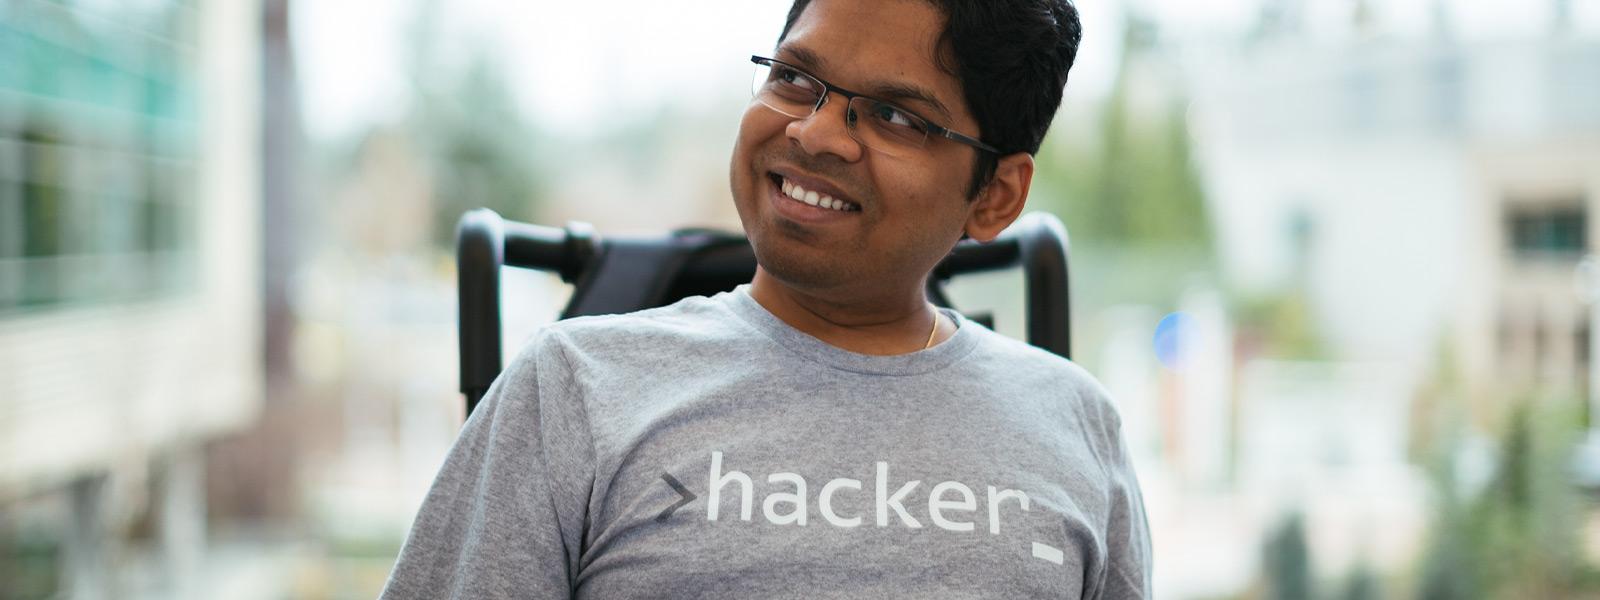 Χαμογελαστός άντρας καθισμένος σε αναπηρικό αμαξίδιο.